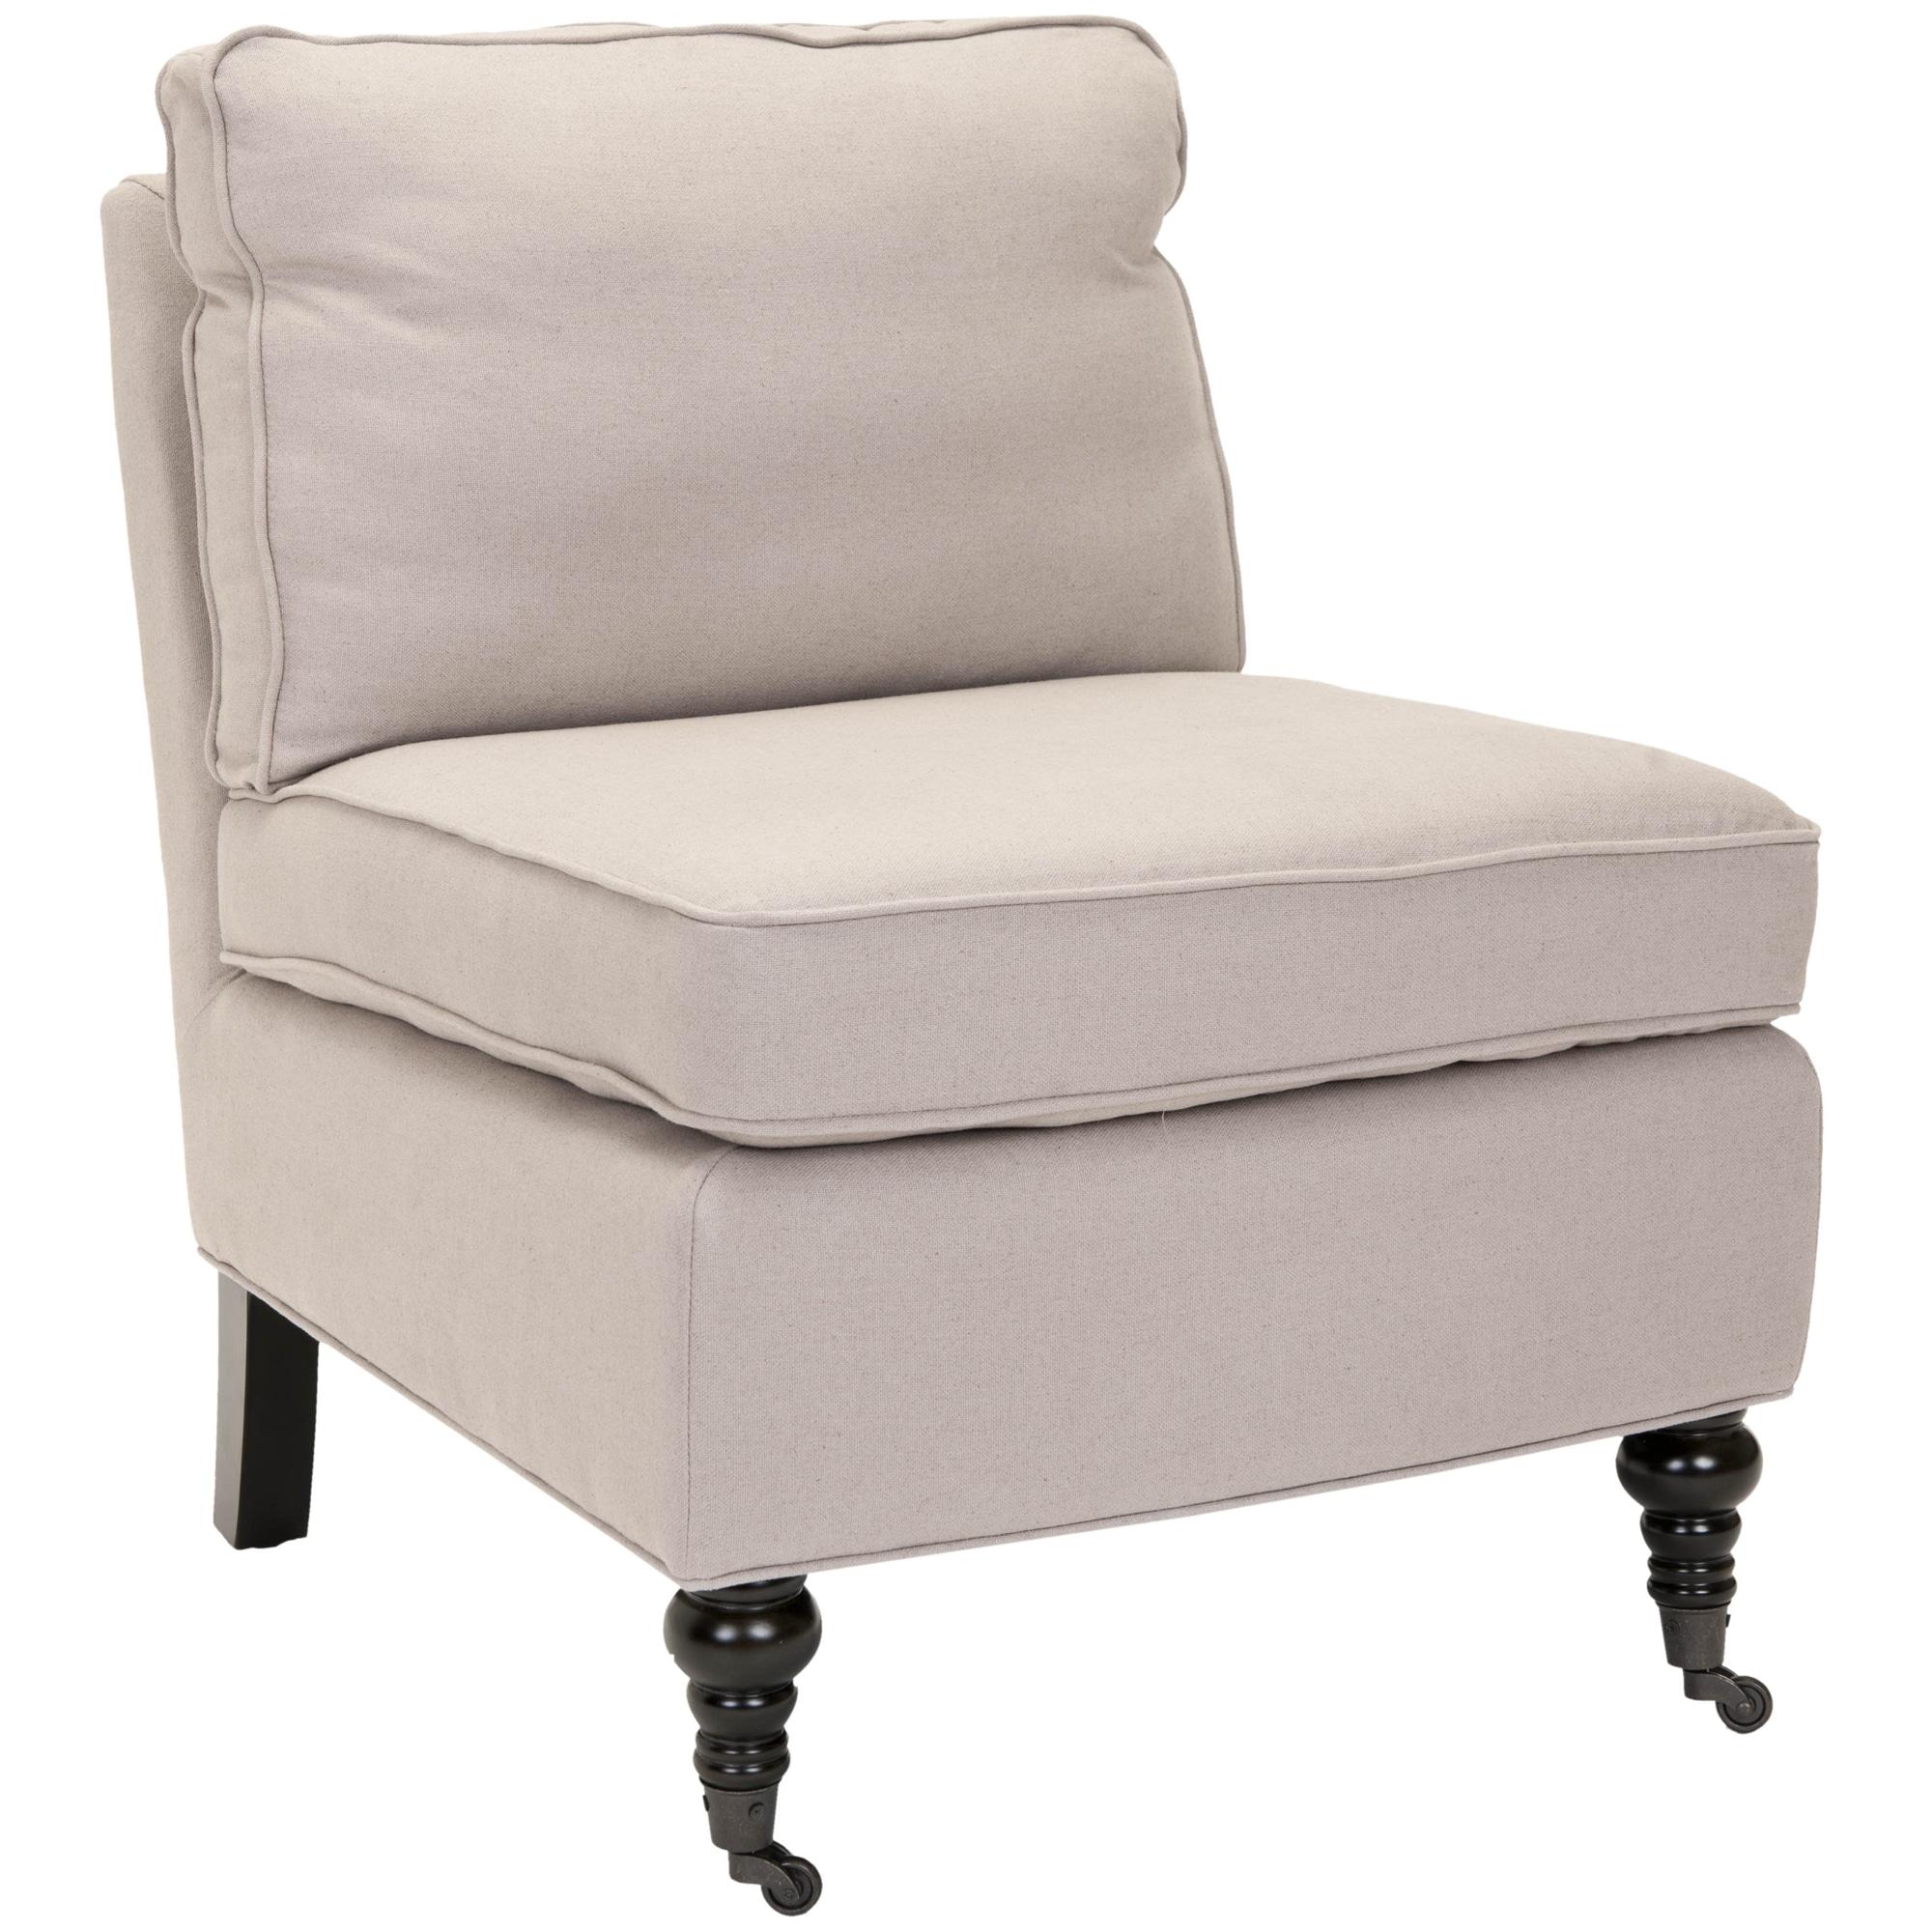 Safavieh Bosio Beige Linen Armless Club Chair at Sears.com